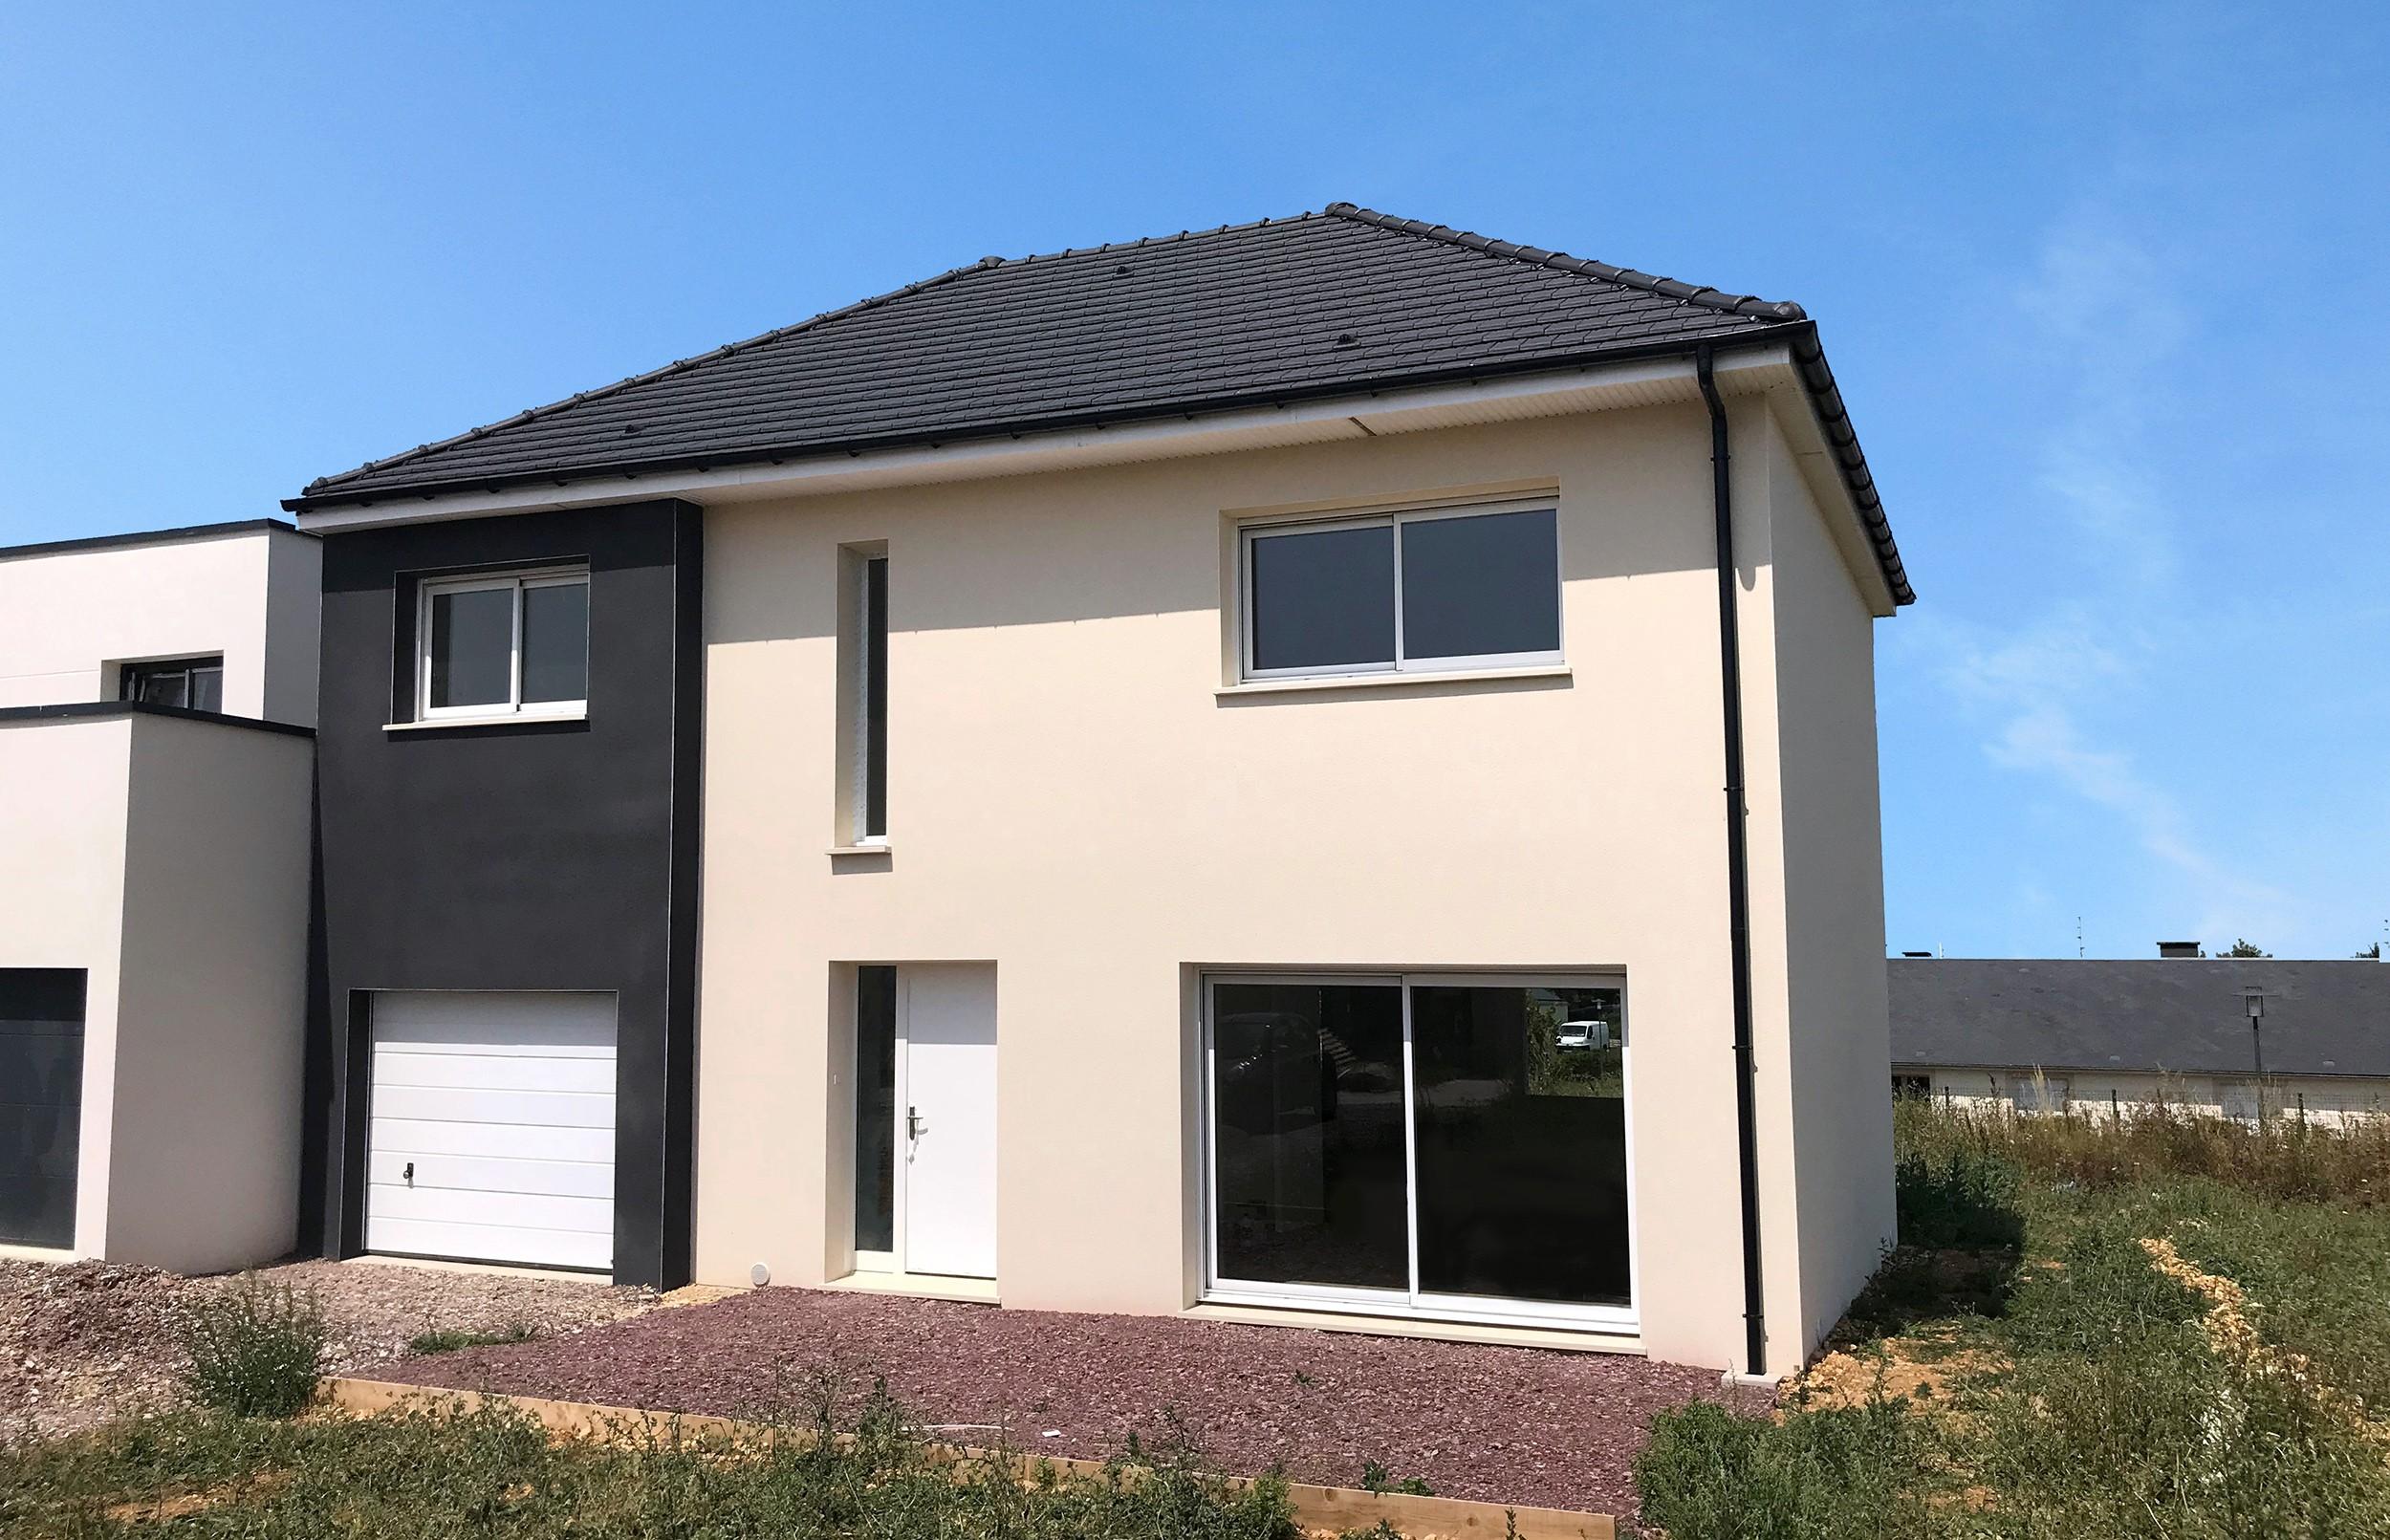 Maisons + Terrains du constructeur MAISON CASTOR • 103 m² • BAYEUX